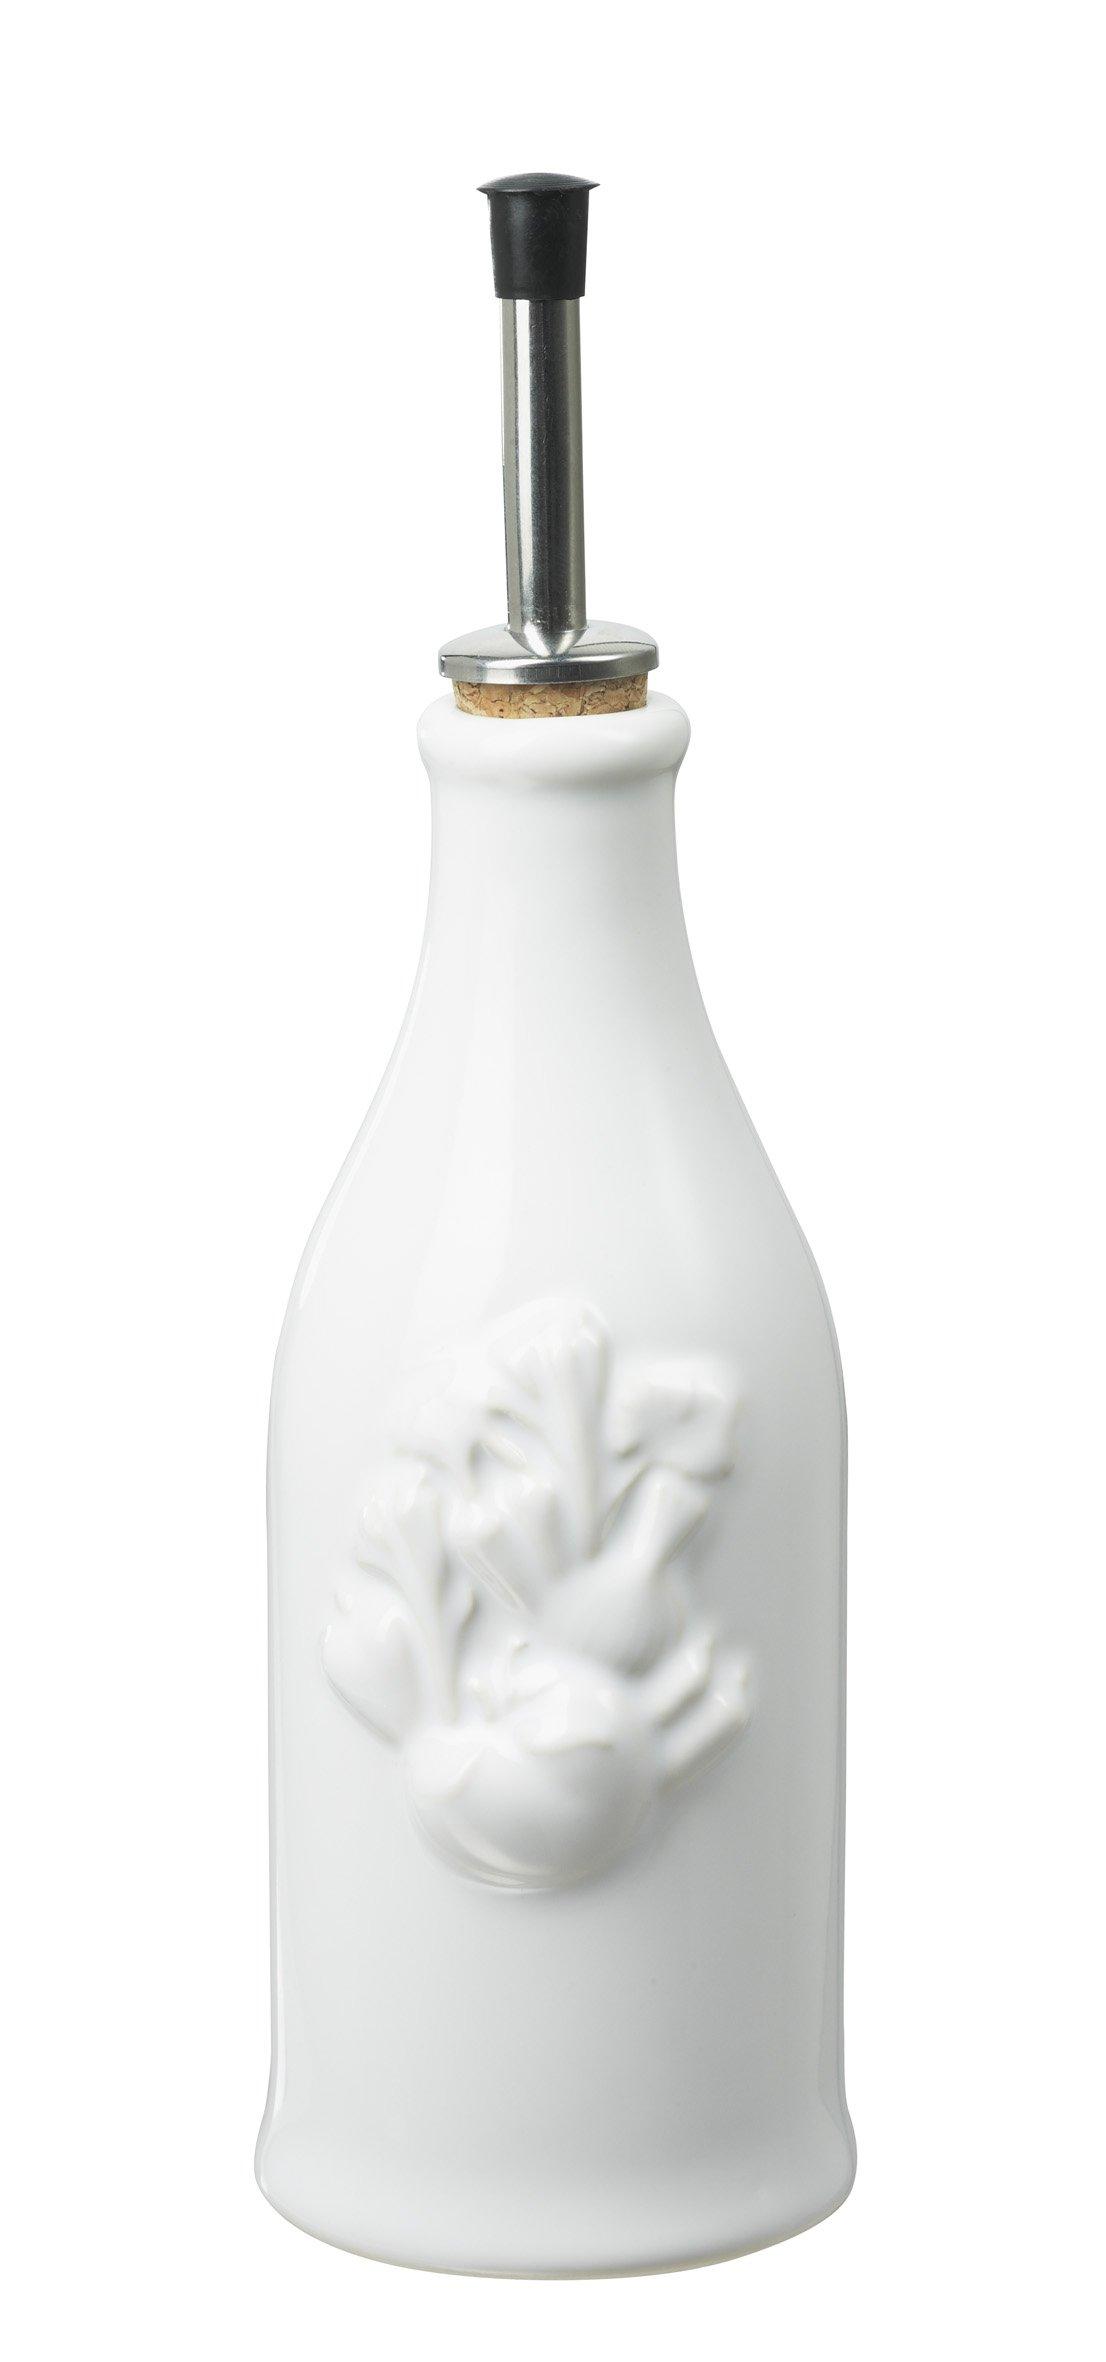 Revol 615760 Happy Cuisine Provence Vinegar Bottle, White